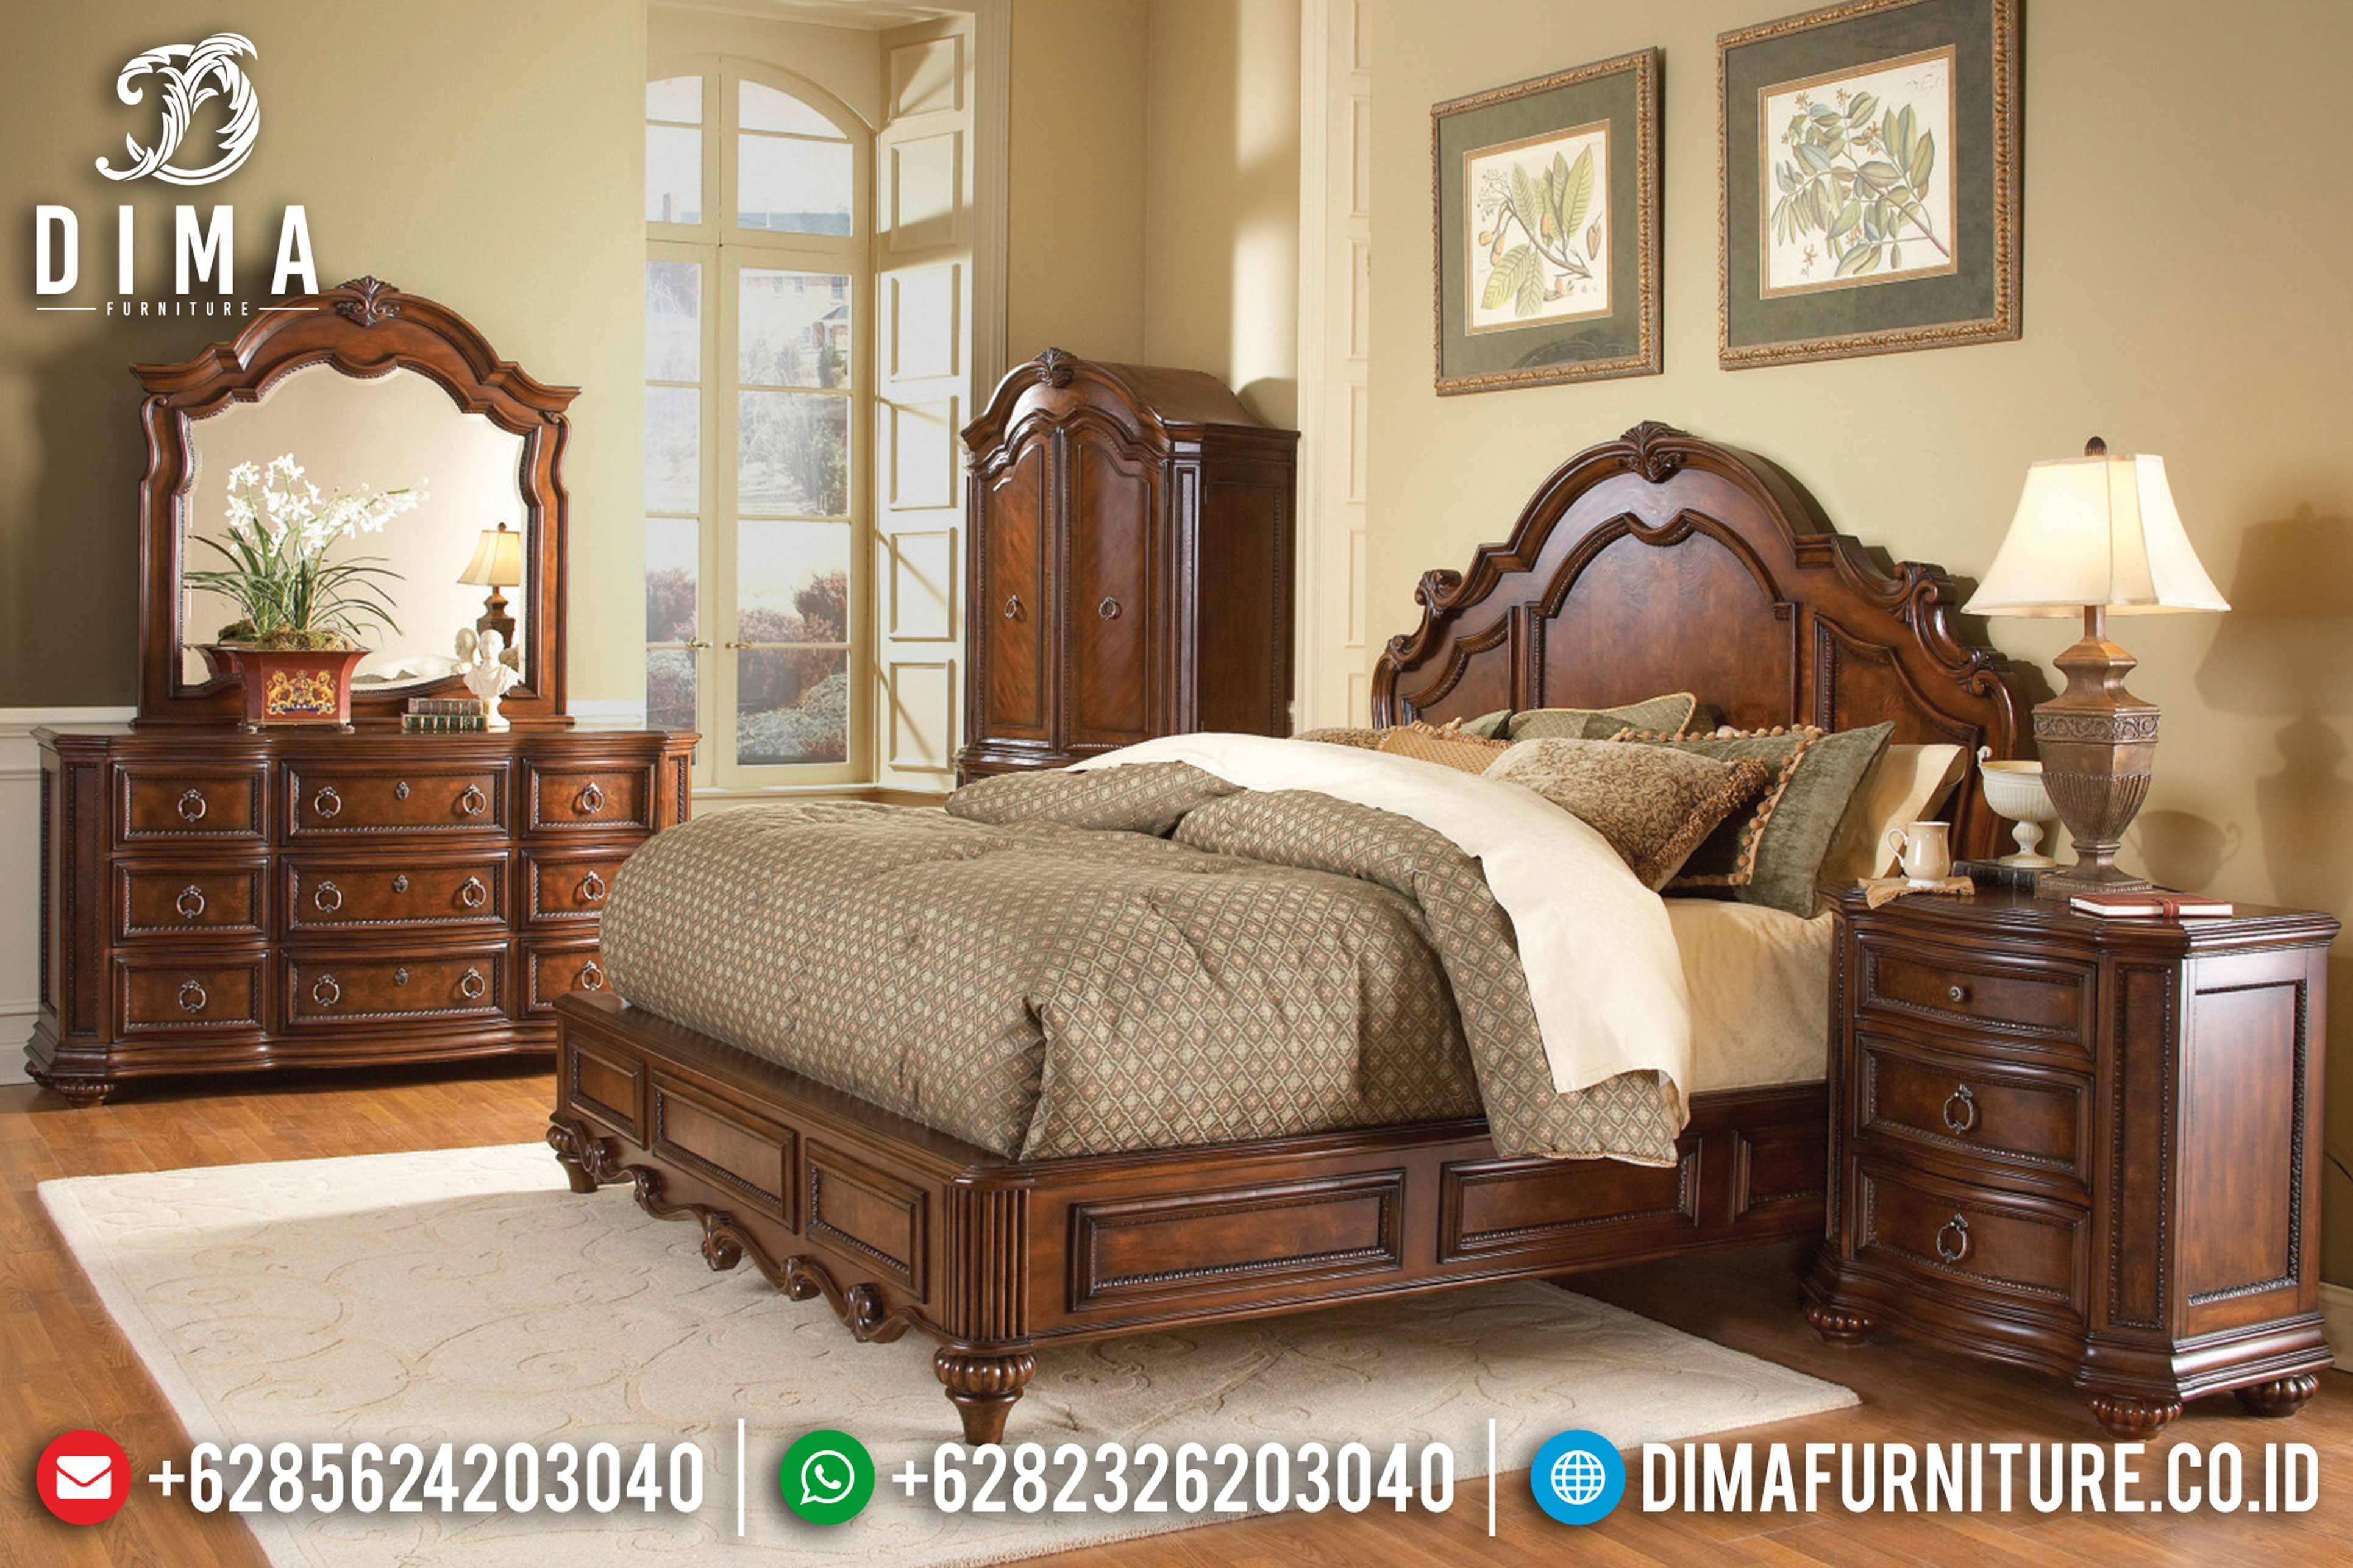 20+ Tempat Tidur Jepara Mewah Dan Minimalis Pilihan Tahun 2019 018 Dima Furniture Jepara